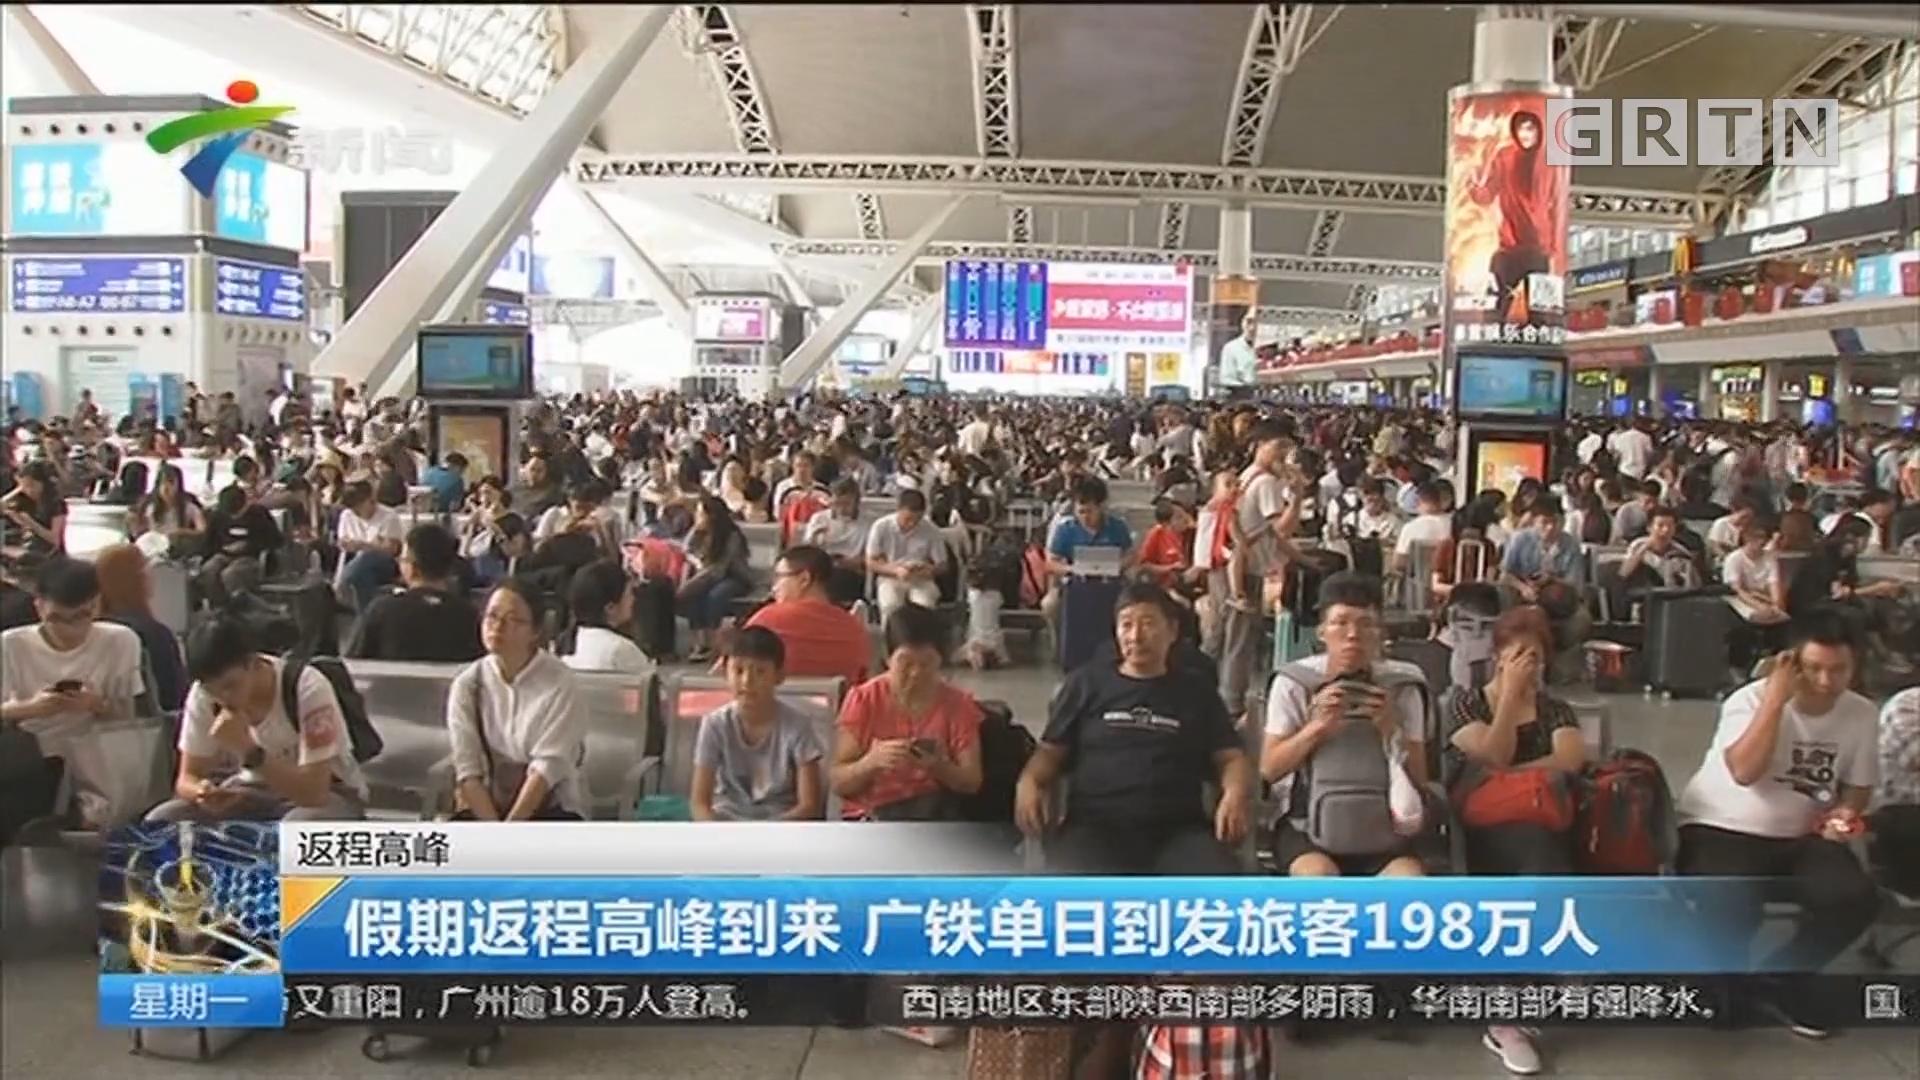 返程高峰:假期返程高峰到来 广铁单日到发旅客198万人